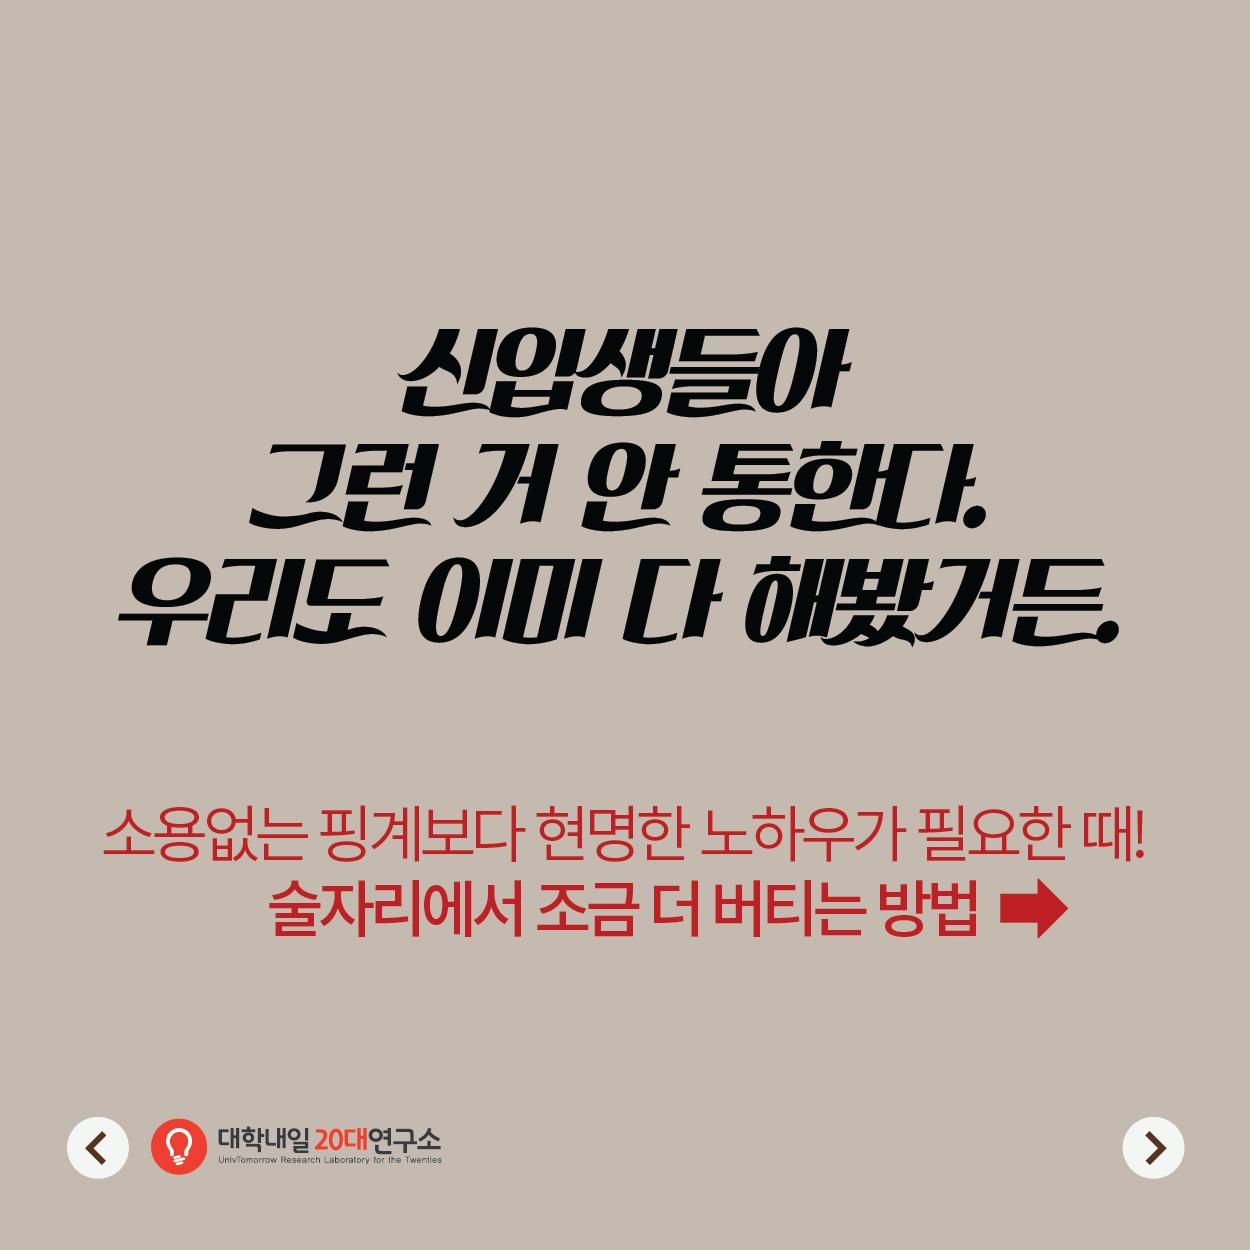 술자리조심-09